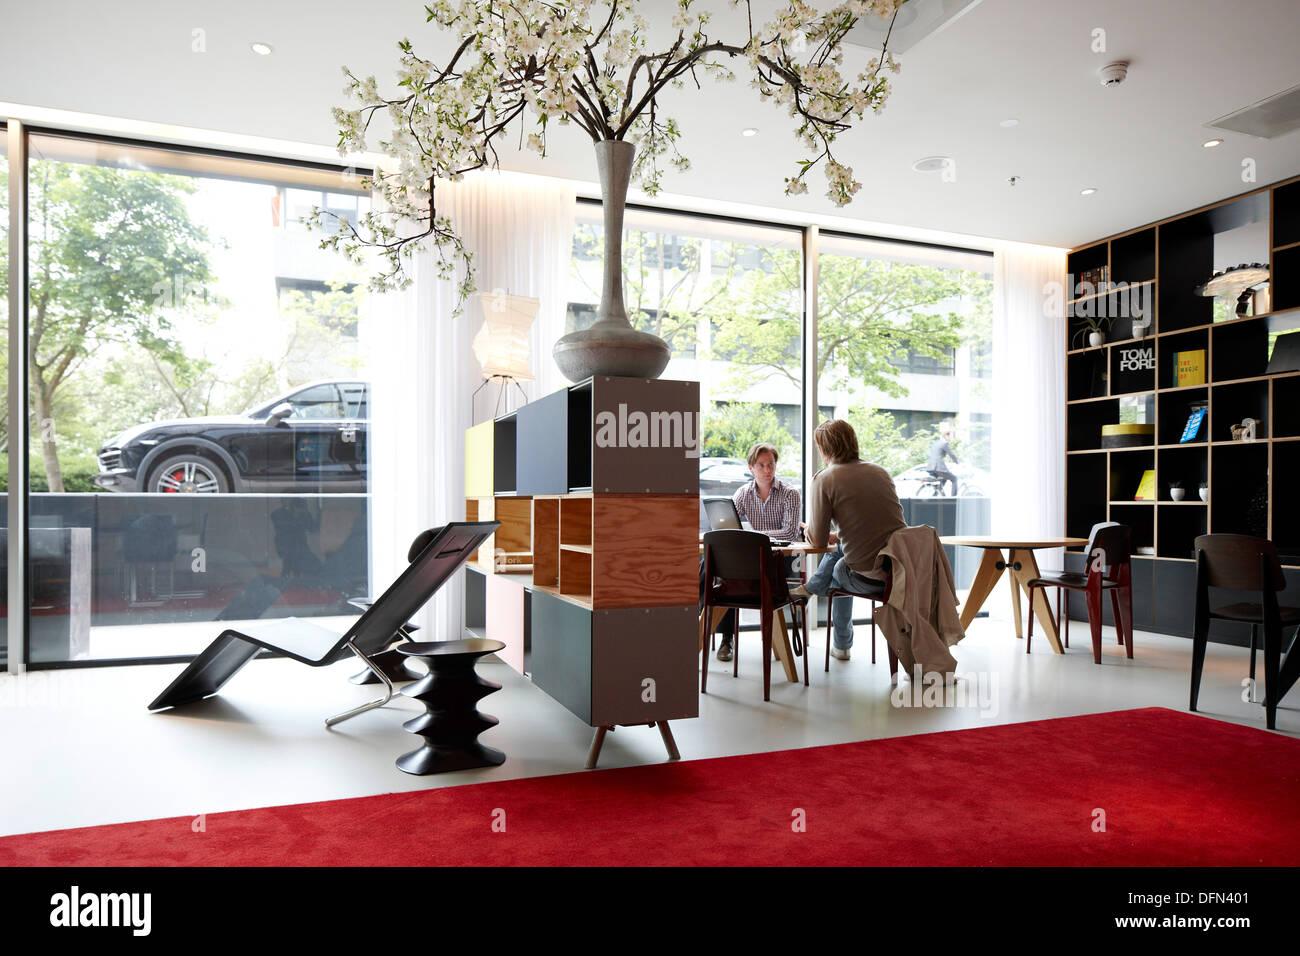 Gli ospiti nella lobby con arredamento designer, cittadino M Hotel, Amsterdam, Paesi Bassi Immagini Stock